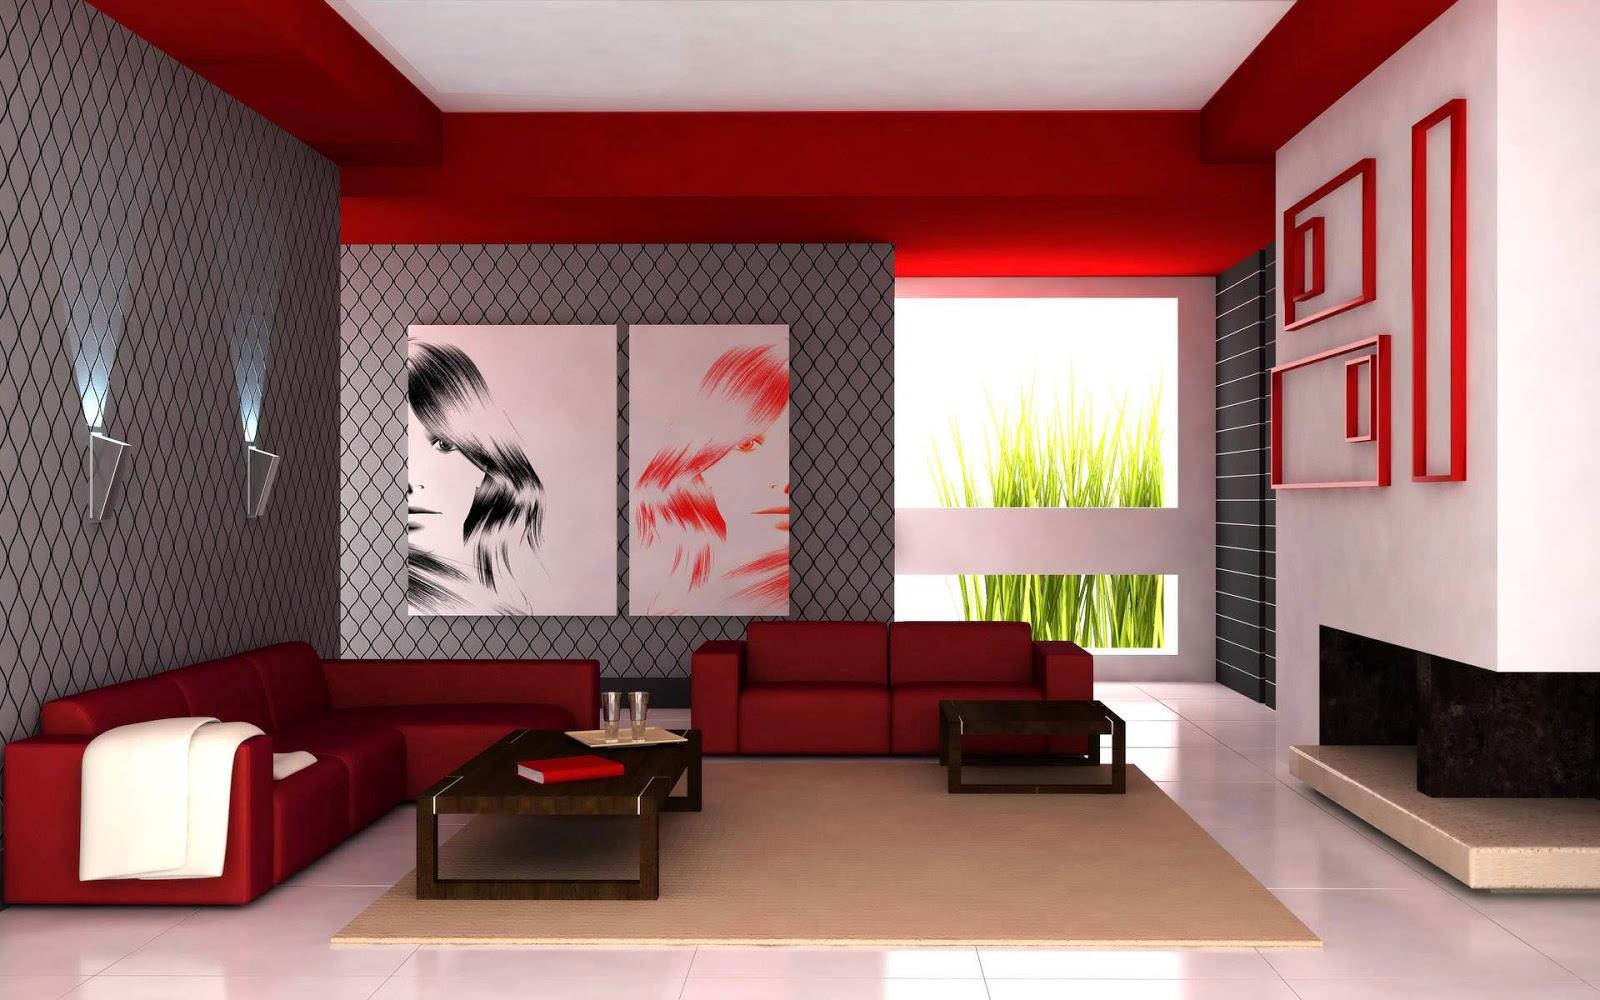 Gambar Paduan Warna Rumah Minimalis yang Cantik